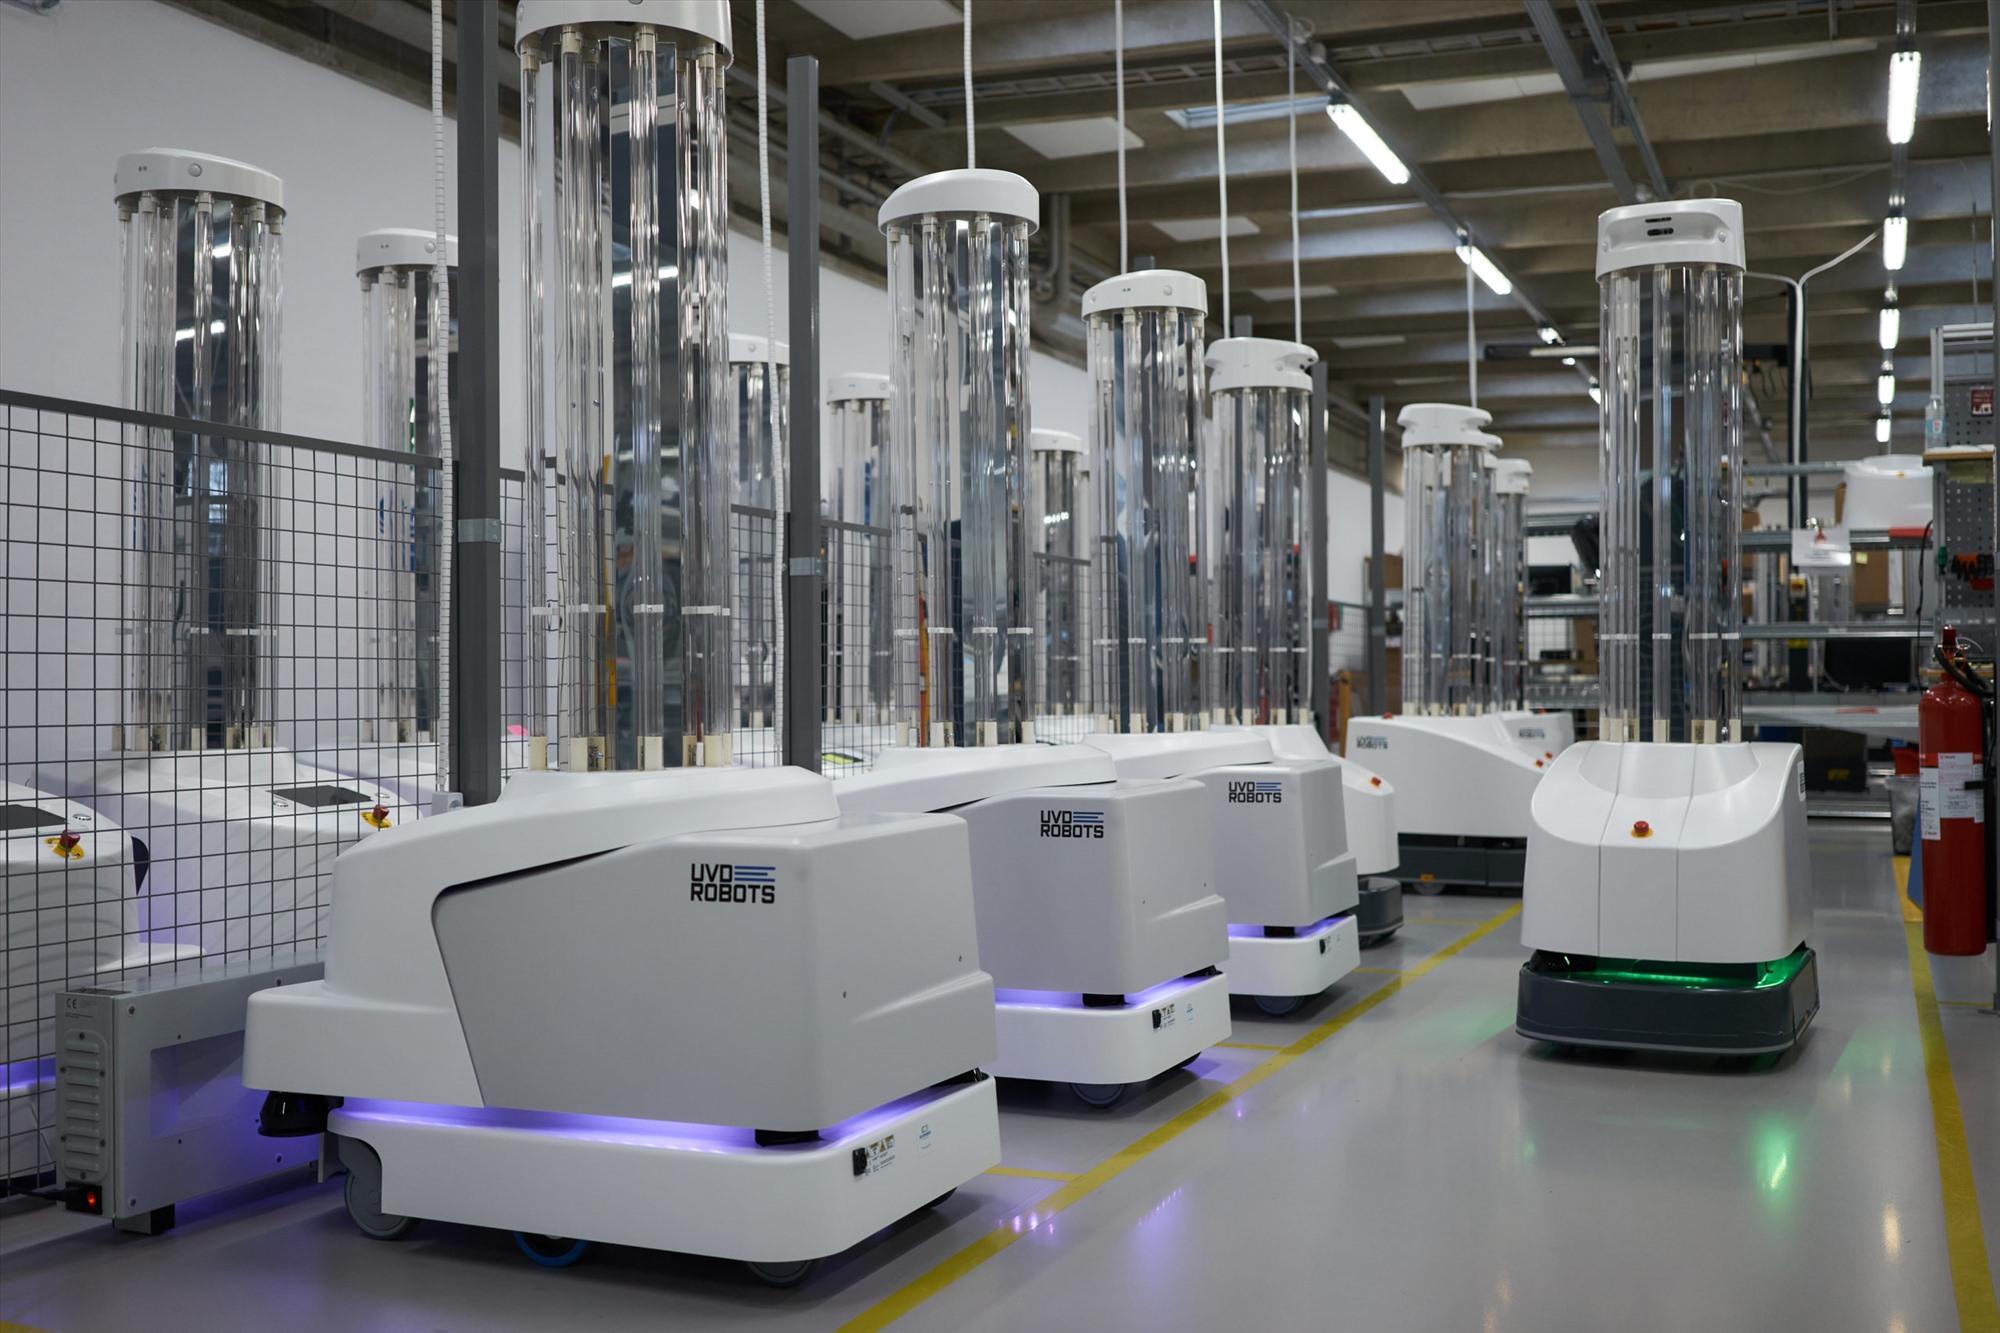 Khử trùng rô bốt Đại dịch coronavirus đã tạo ra vi trùng của tất cả chúng ta. Để giúp đỡ khi thế giới mở cửa trở lại, robot đang phát triển - đặc biệt là Adibot của Ubtech. Bot được sản xuất đặc biệt để khử trùng phòng cho các cơ sở kinh doanh nhỏ và trường học bằng tia UVC.